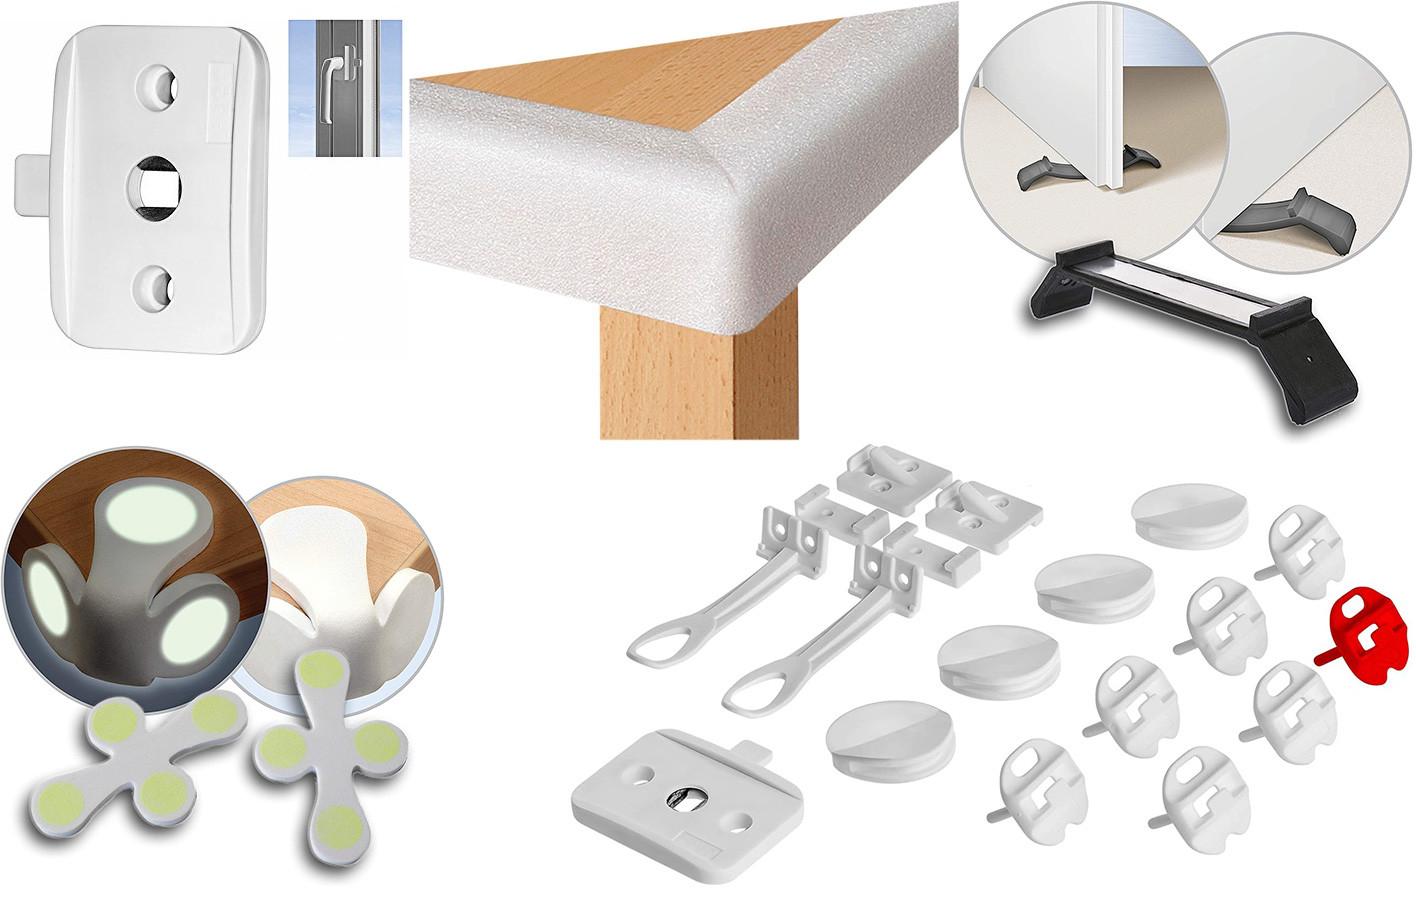 Set Seguridad en Casa - 16 piezas